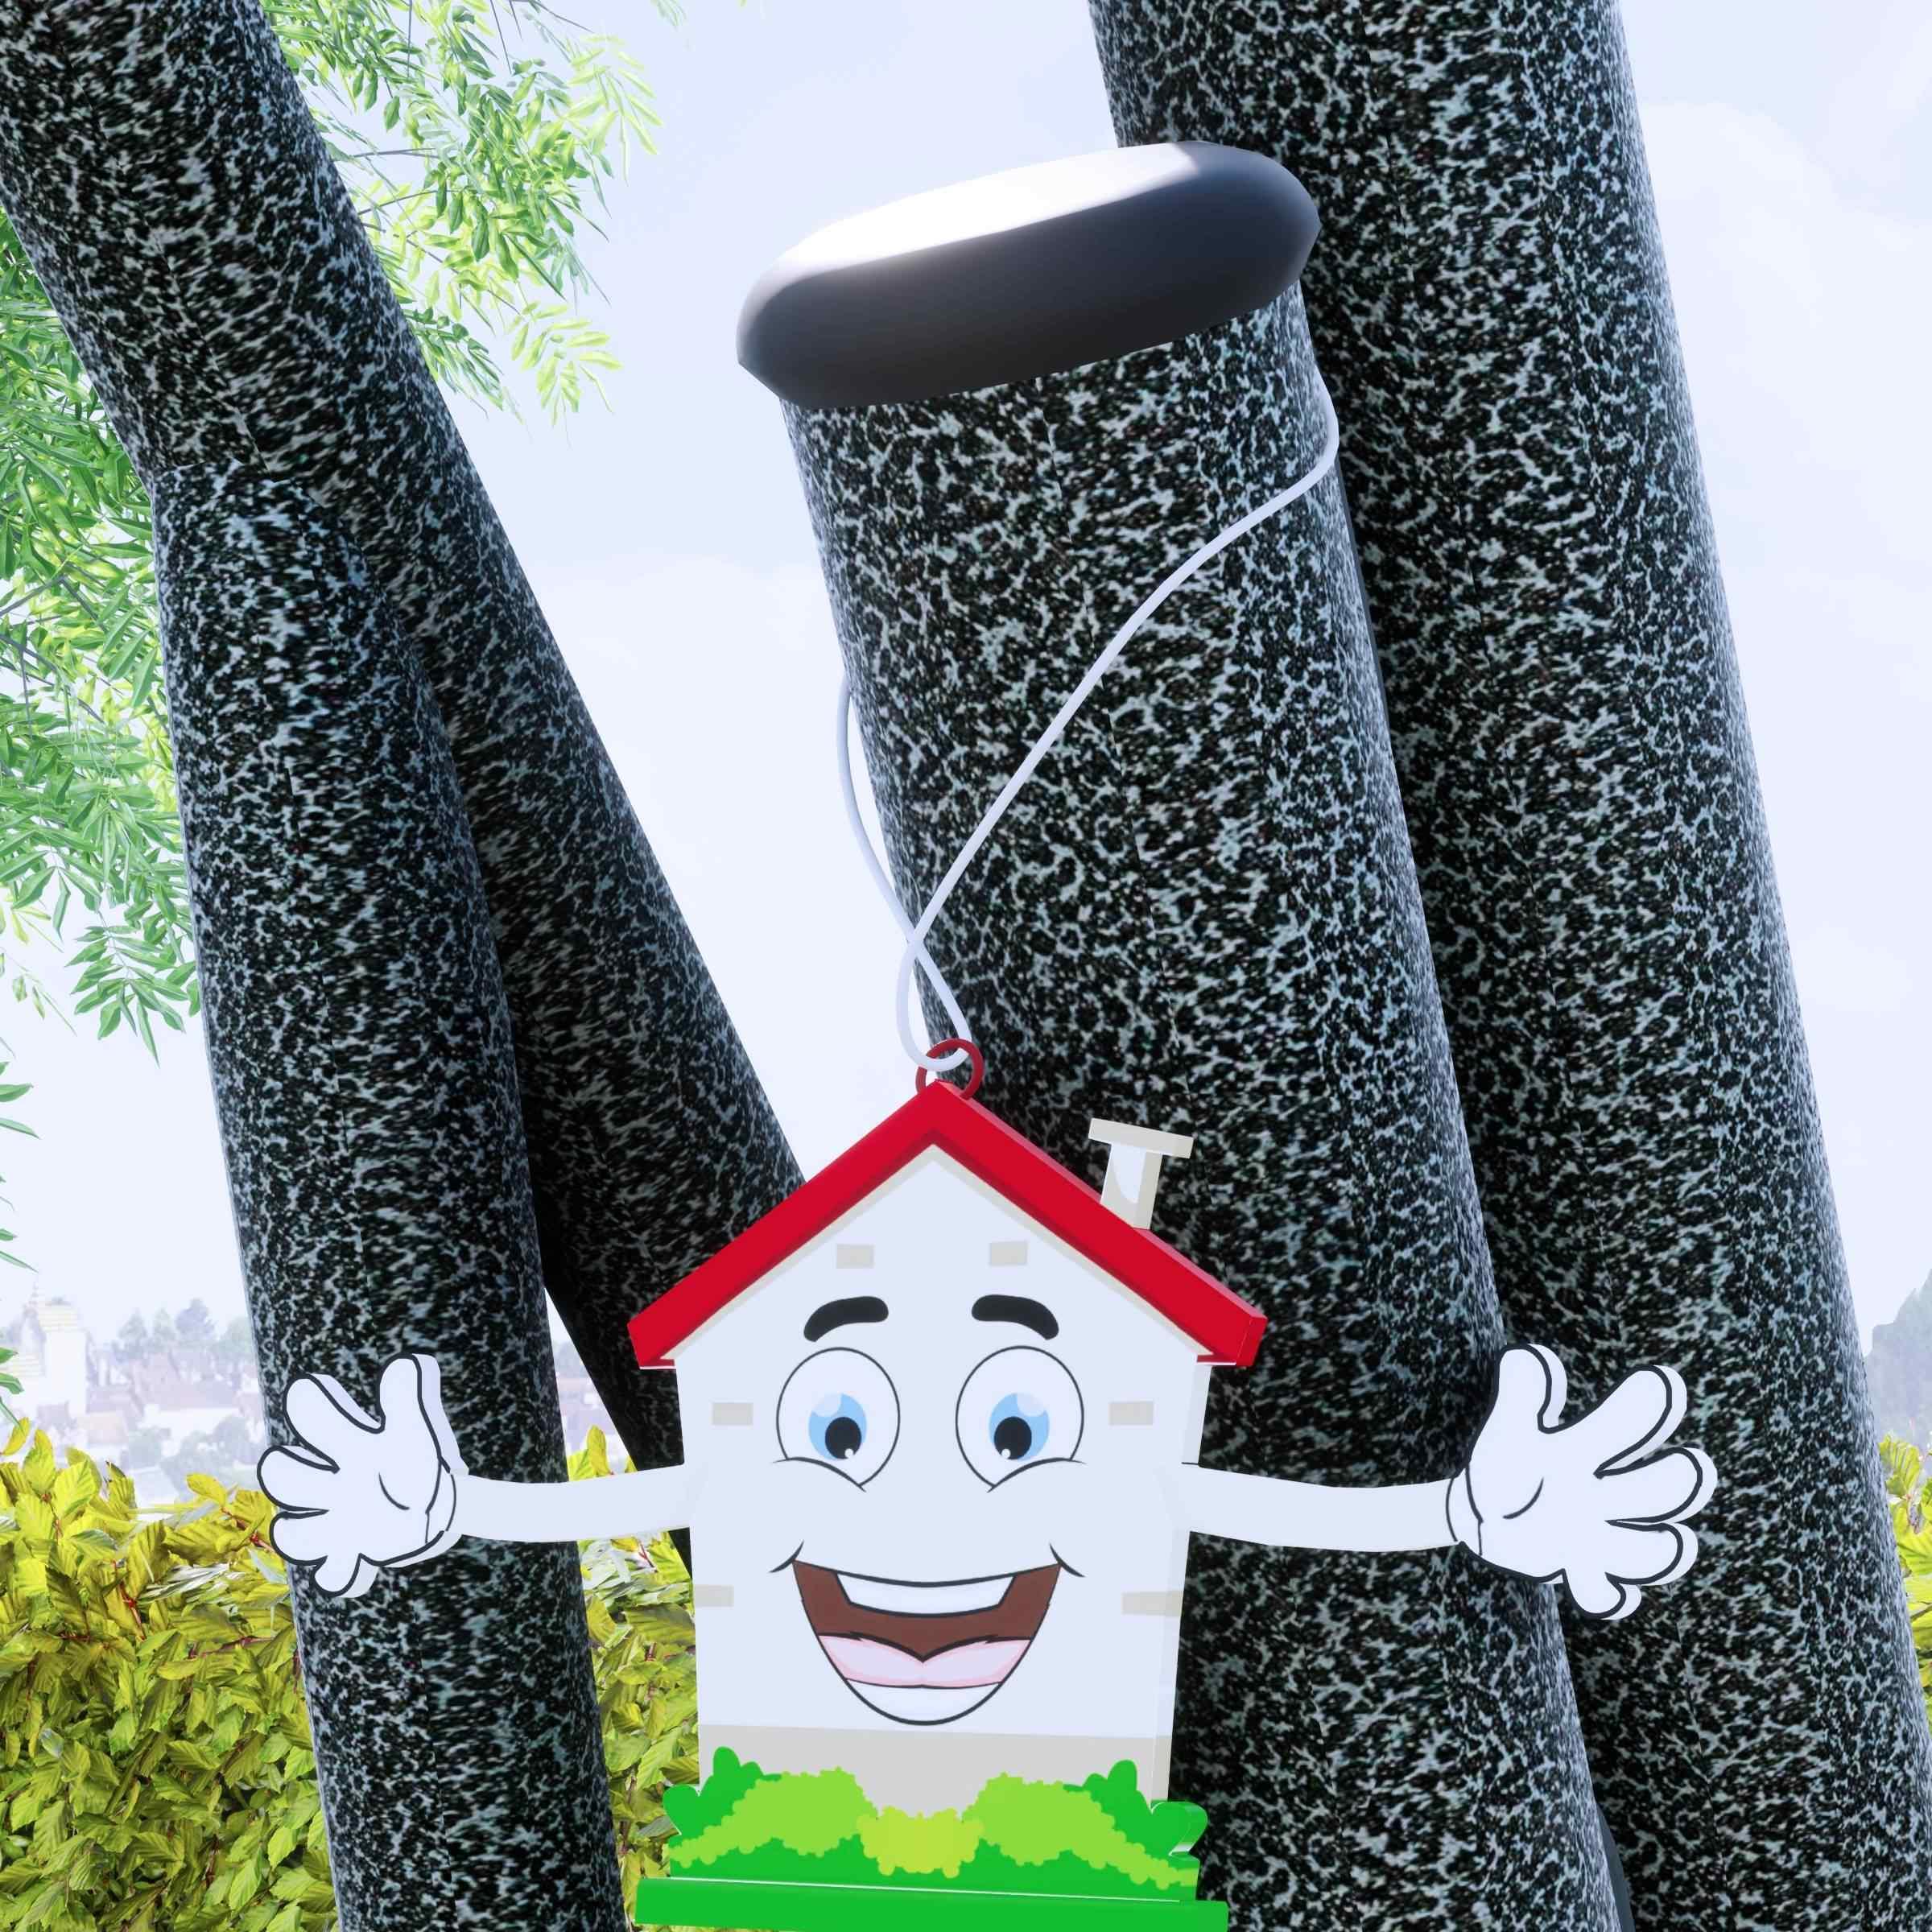 Yekta Germiyan 3 Kişilik Bahçe Salıncağı Balkon Salıncak 200 cm